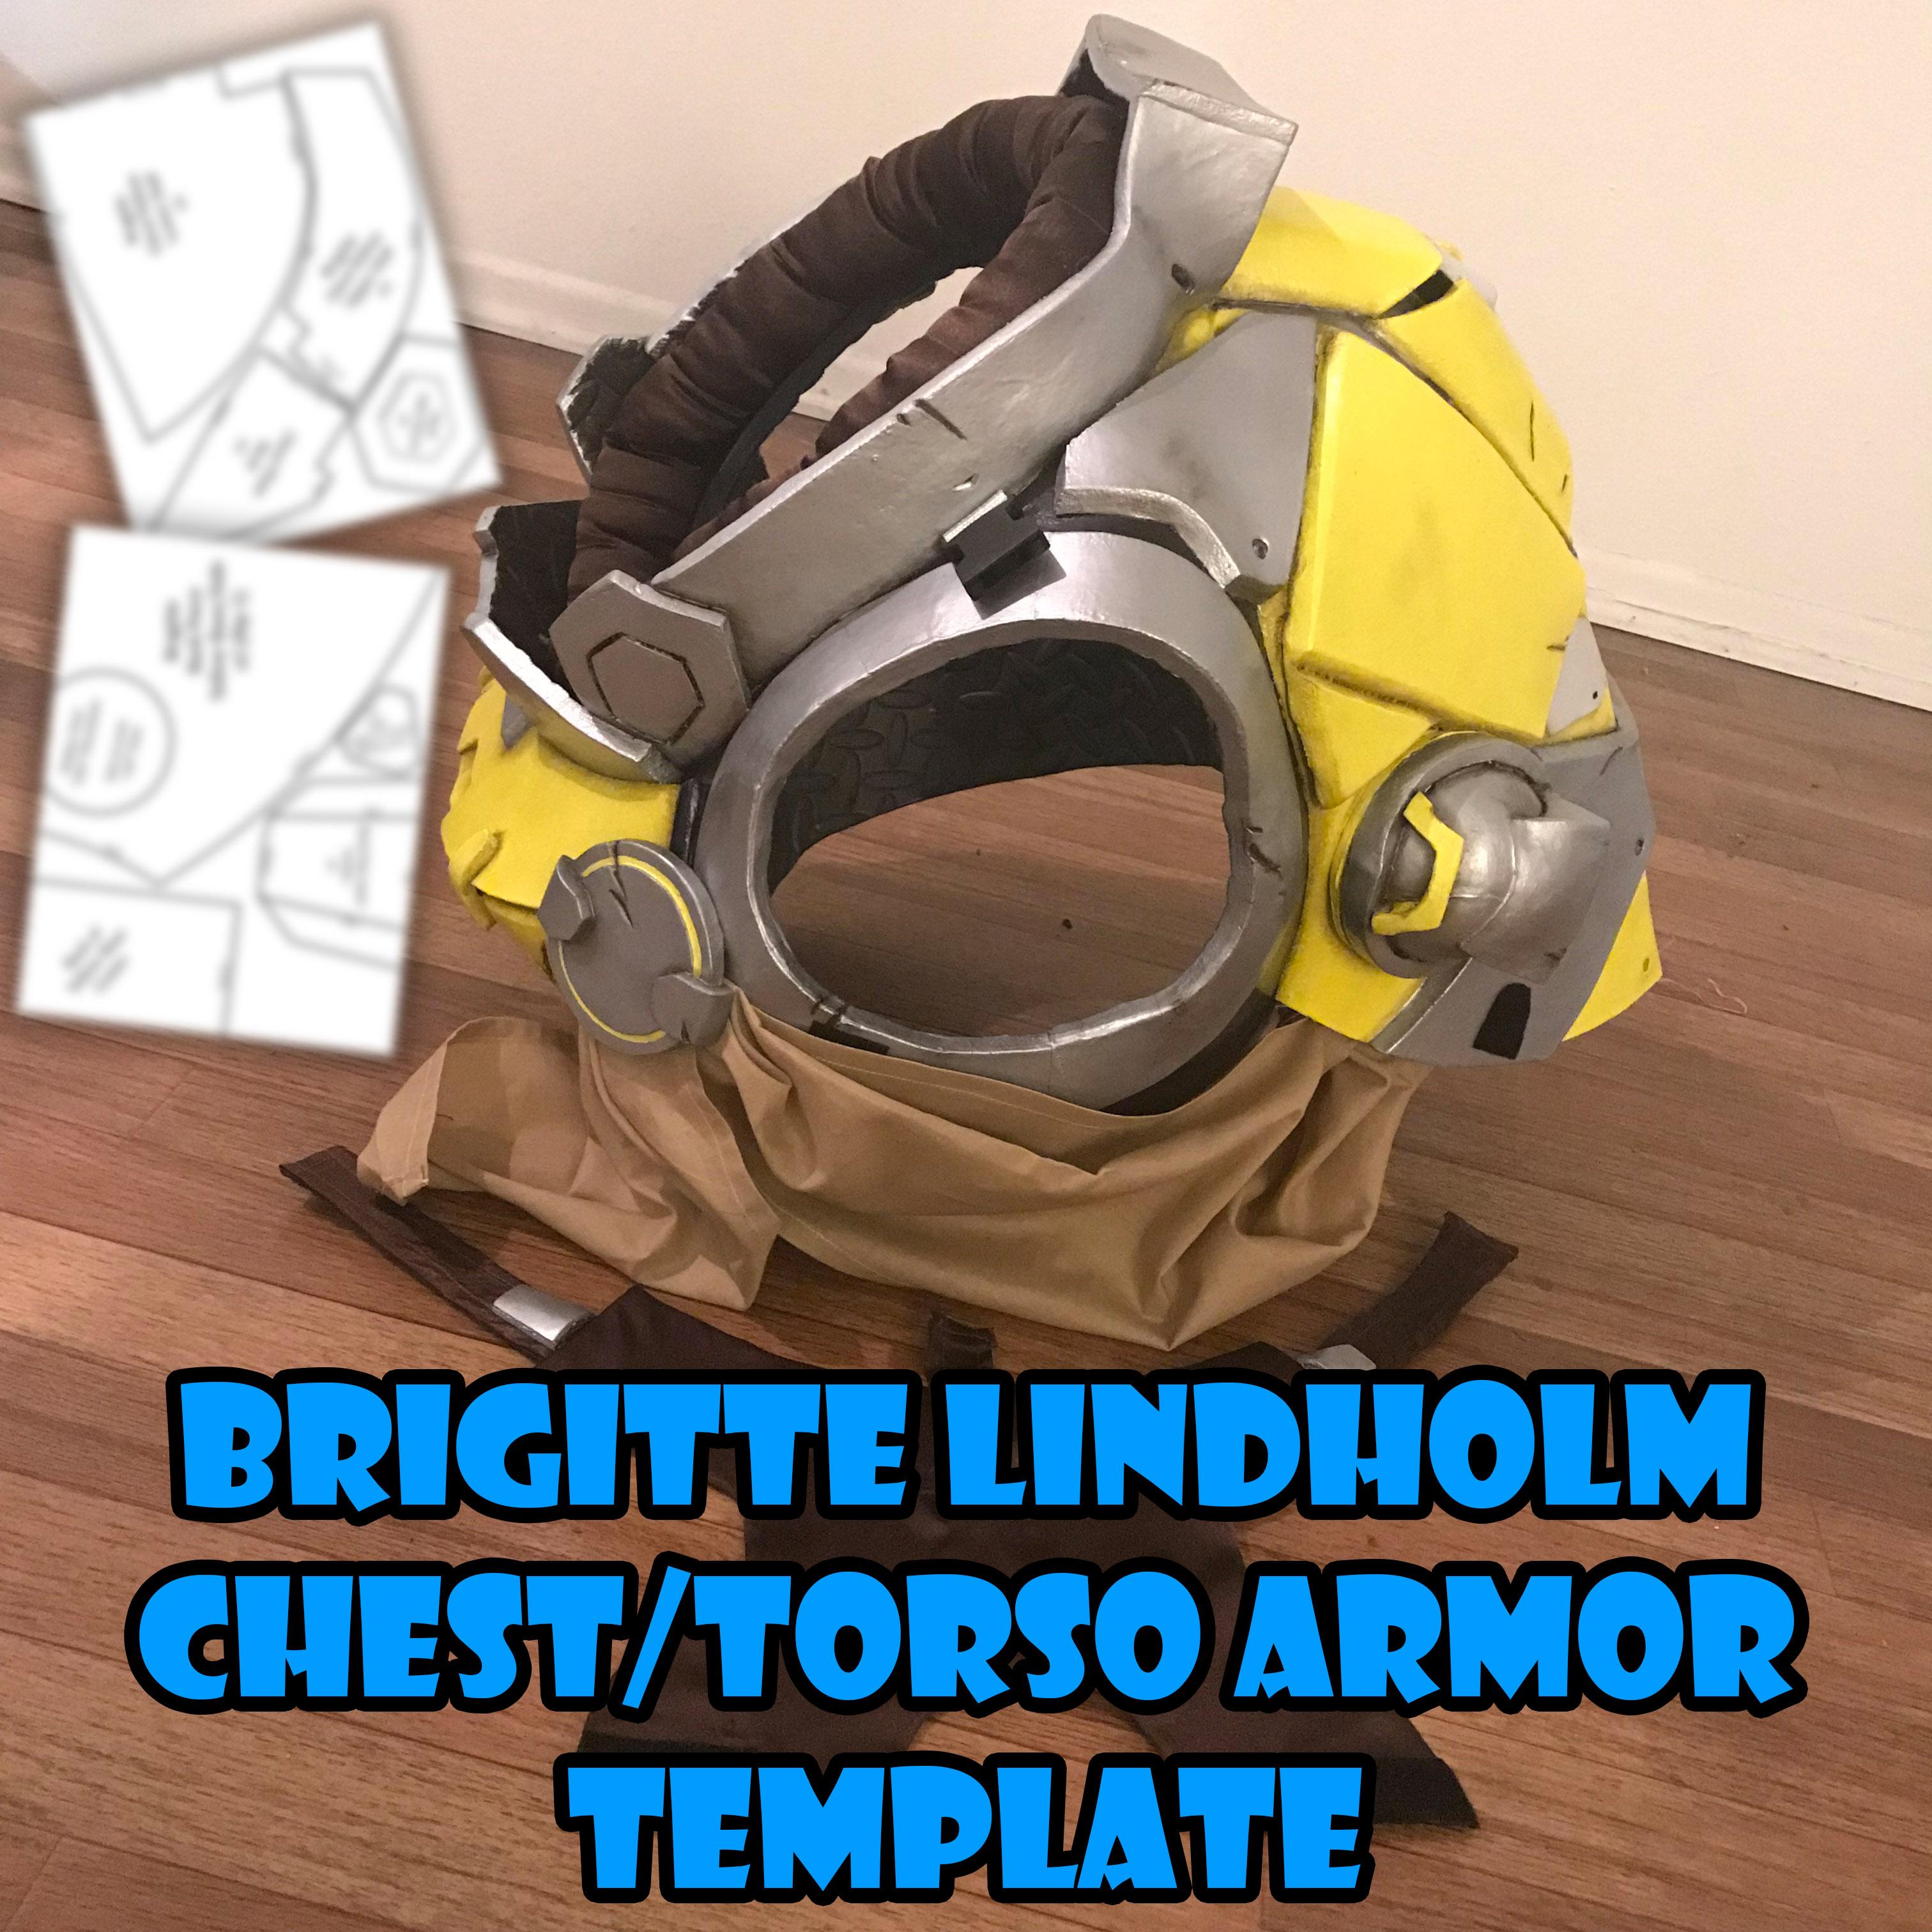 Brigitte Lindholm Chest Piece & Torso Armor Template · Fae\'s ...